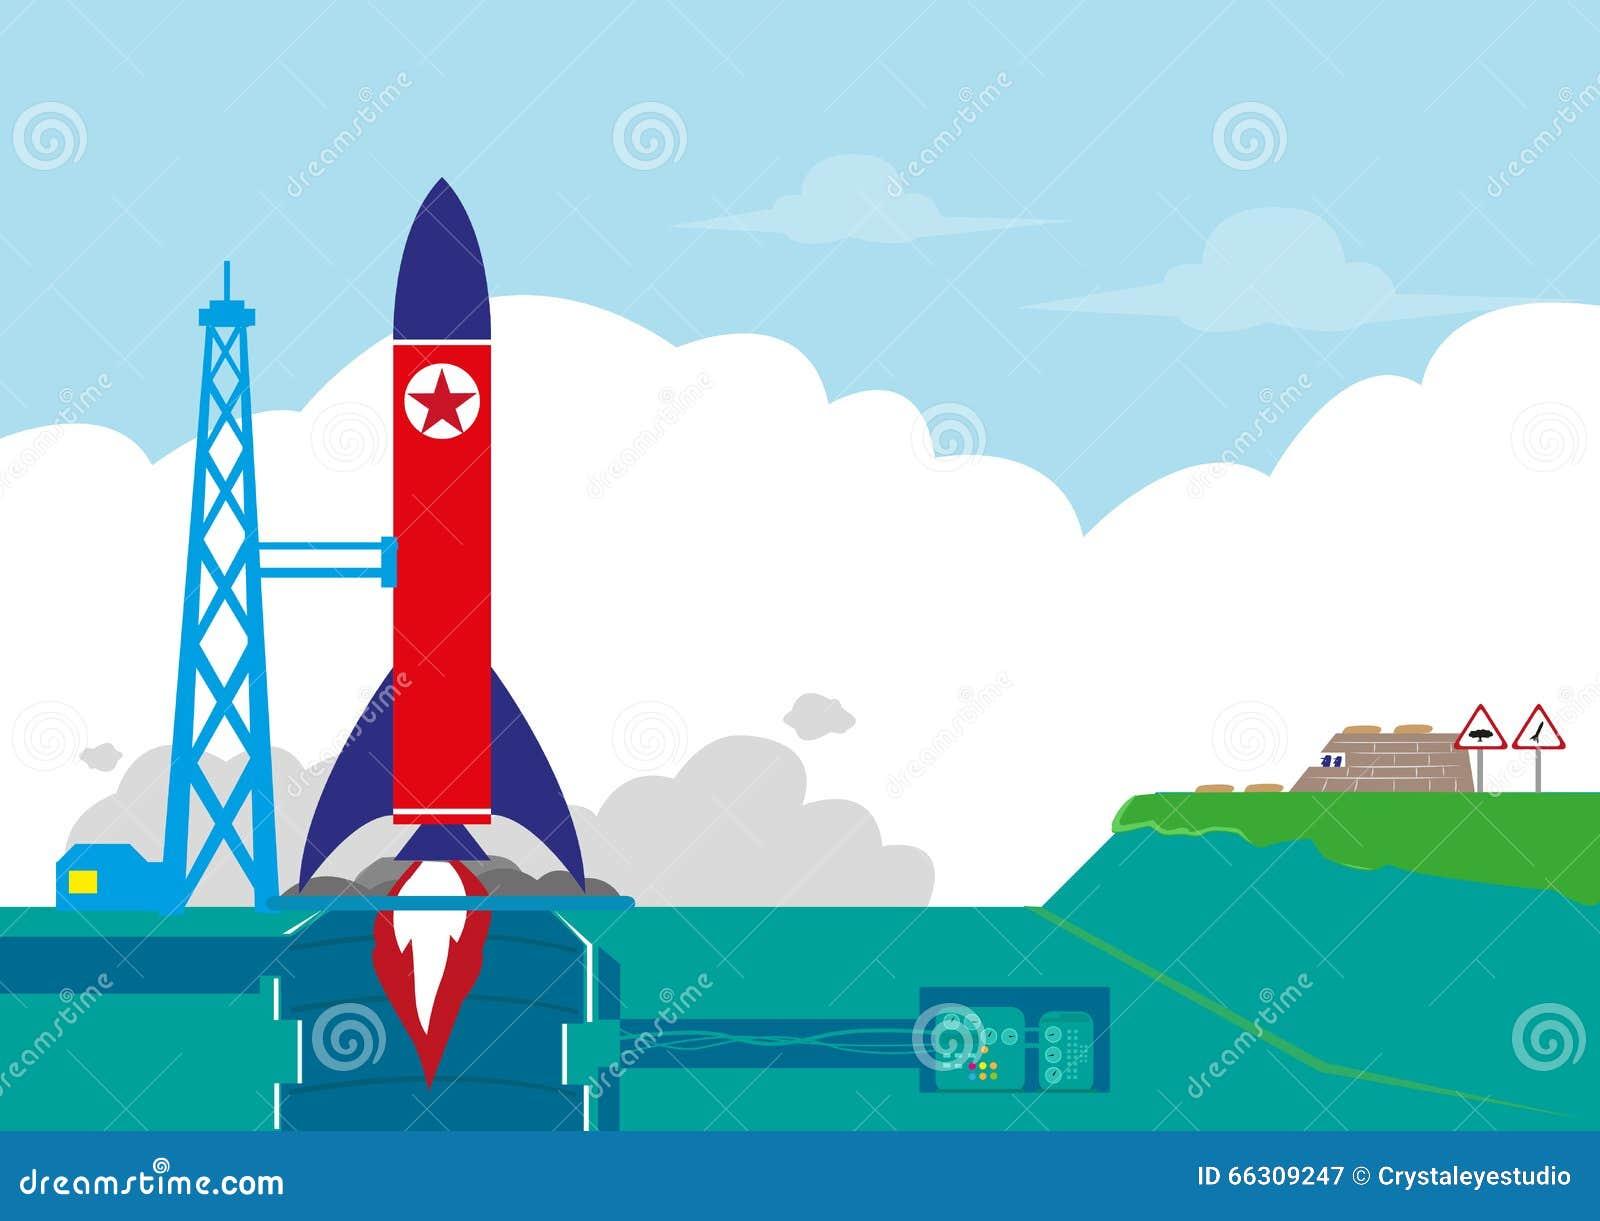 North Korea or NoKor tests its Ballistic Missile or Rocket Orbit Satellite concept. Editable Clip Art.